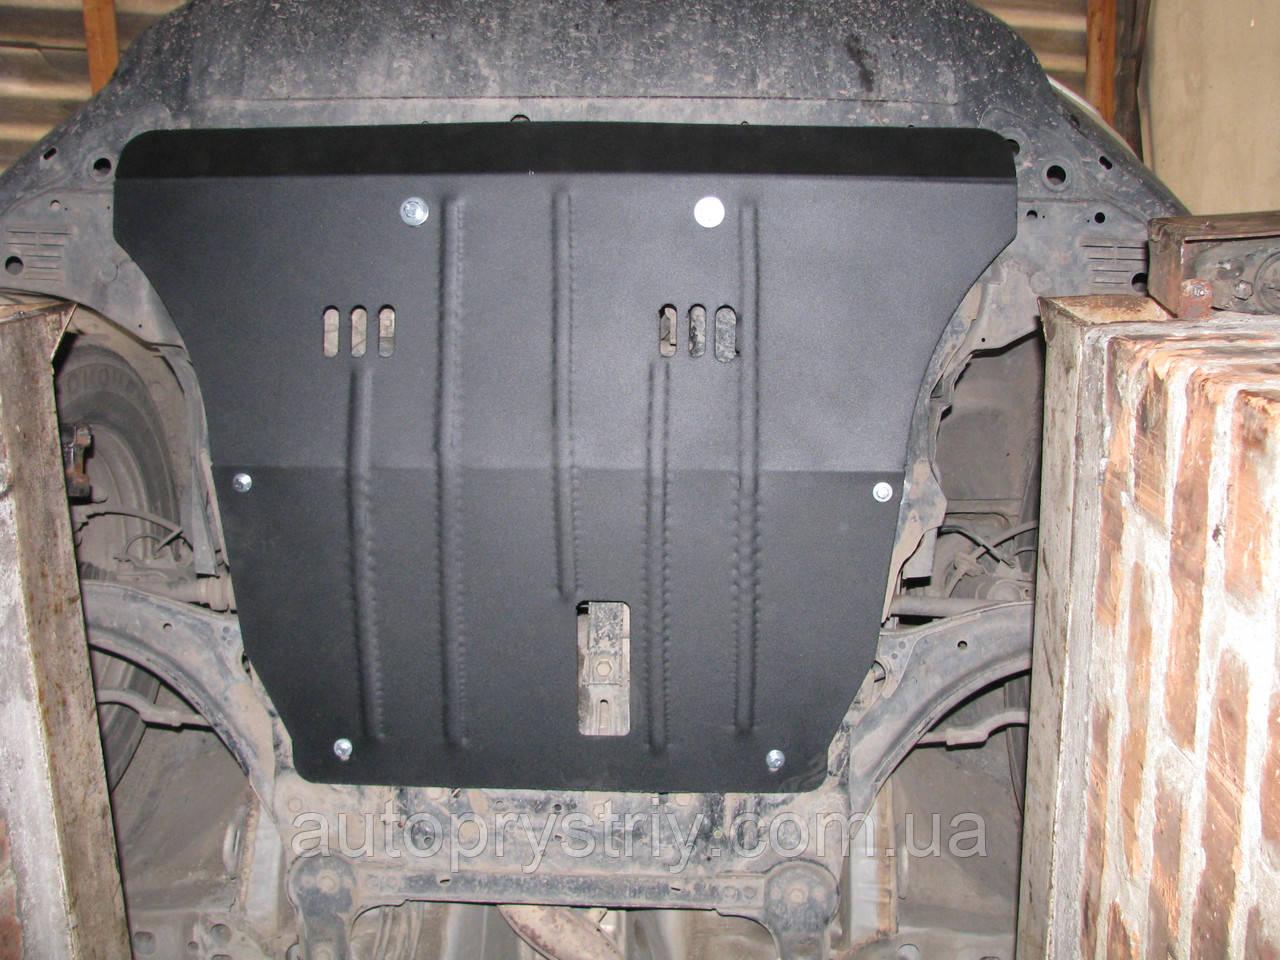 Защита двигателя и КПП вариатор Nissan X-Trail (T31) (2007-2014) 2.0